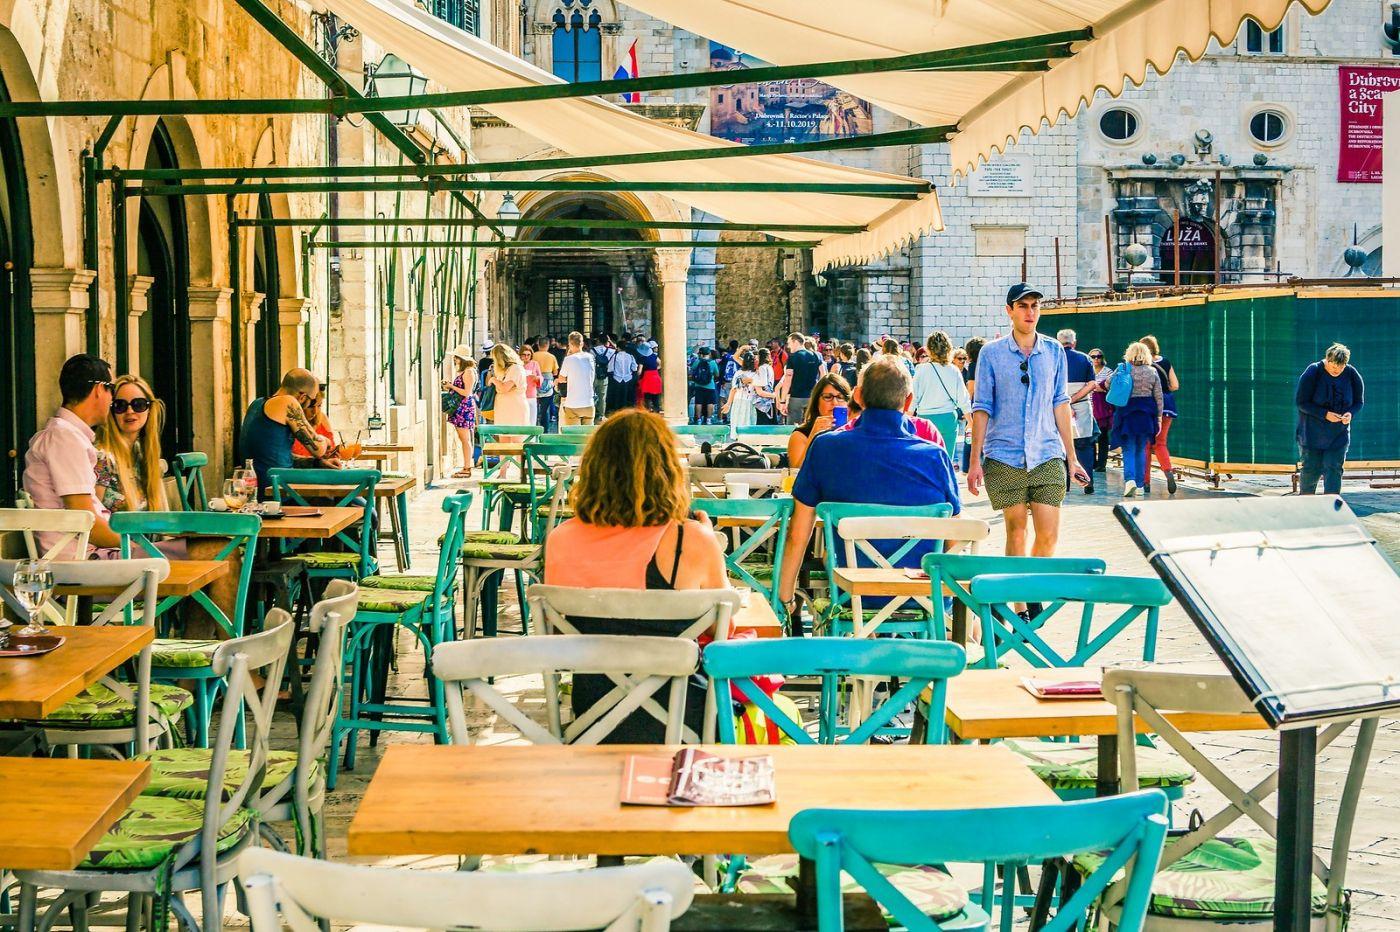 克罗地亚杜布罗夫尼克(Dubrovnik),古城小巷_图1-6